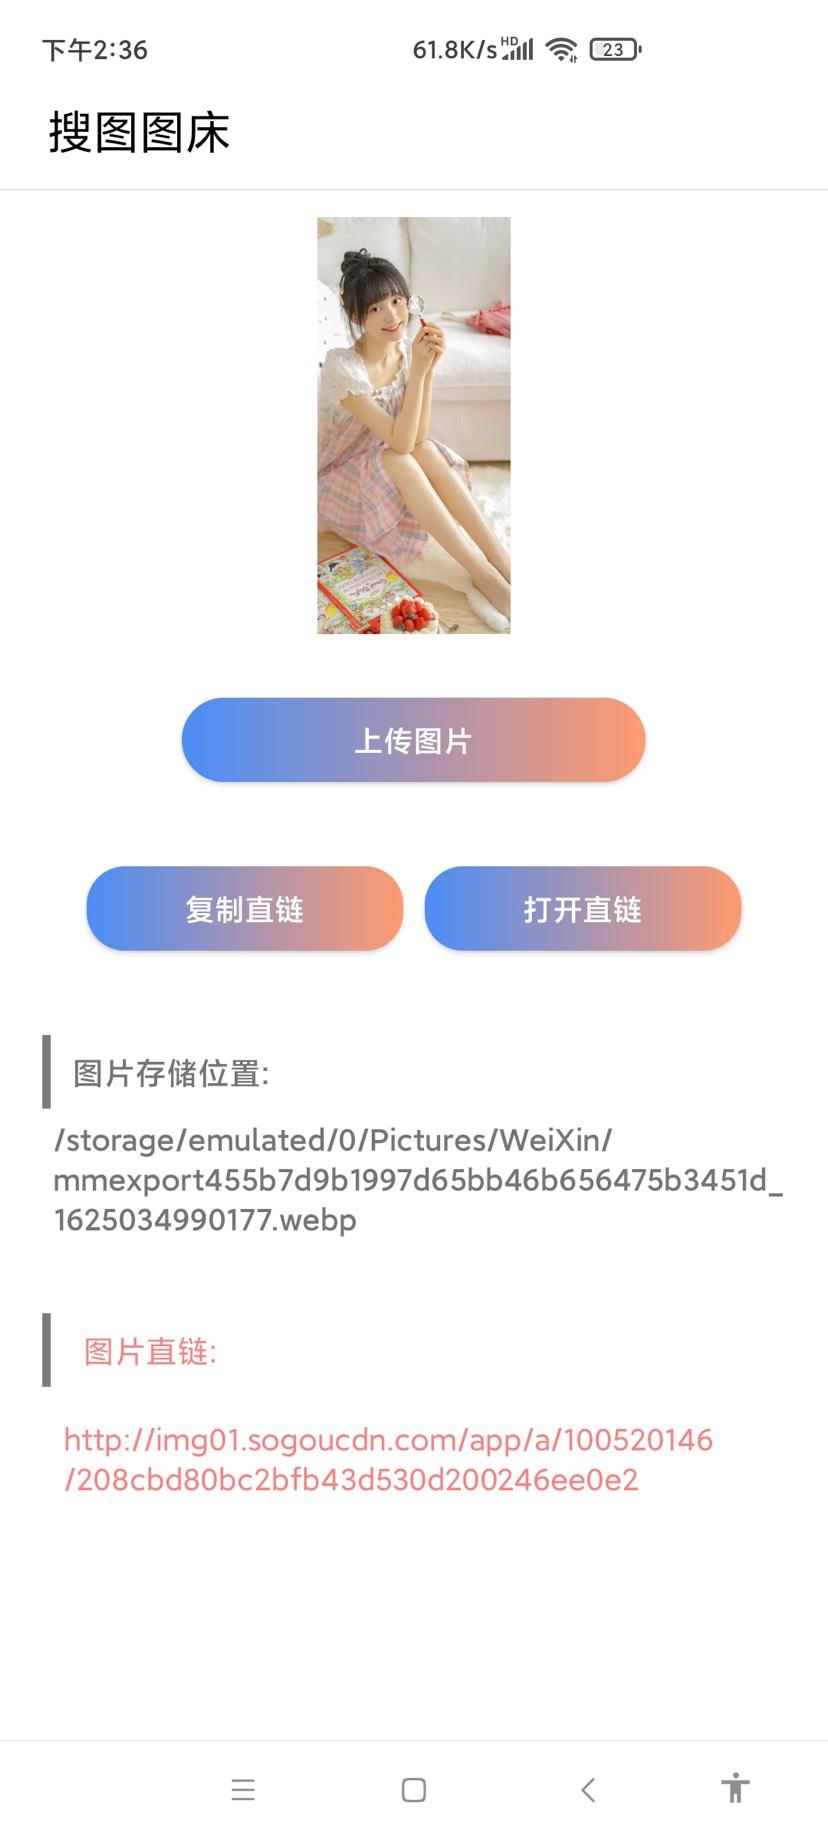 搜狗图床v3.12.5 不限上传次数纯净版